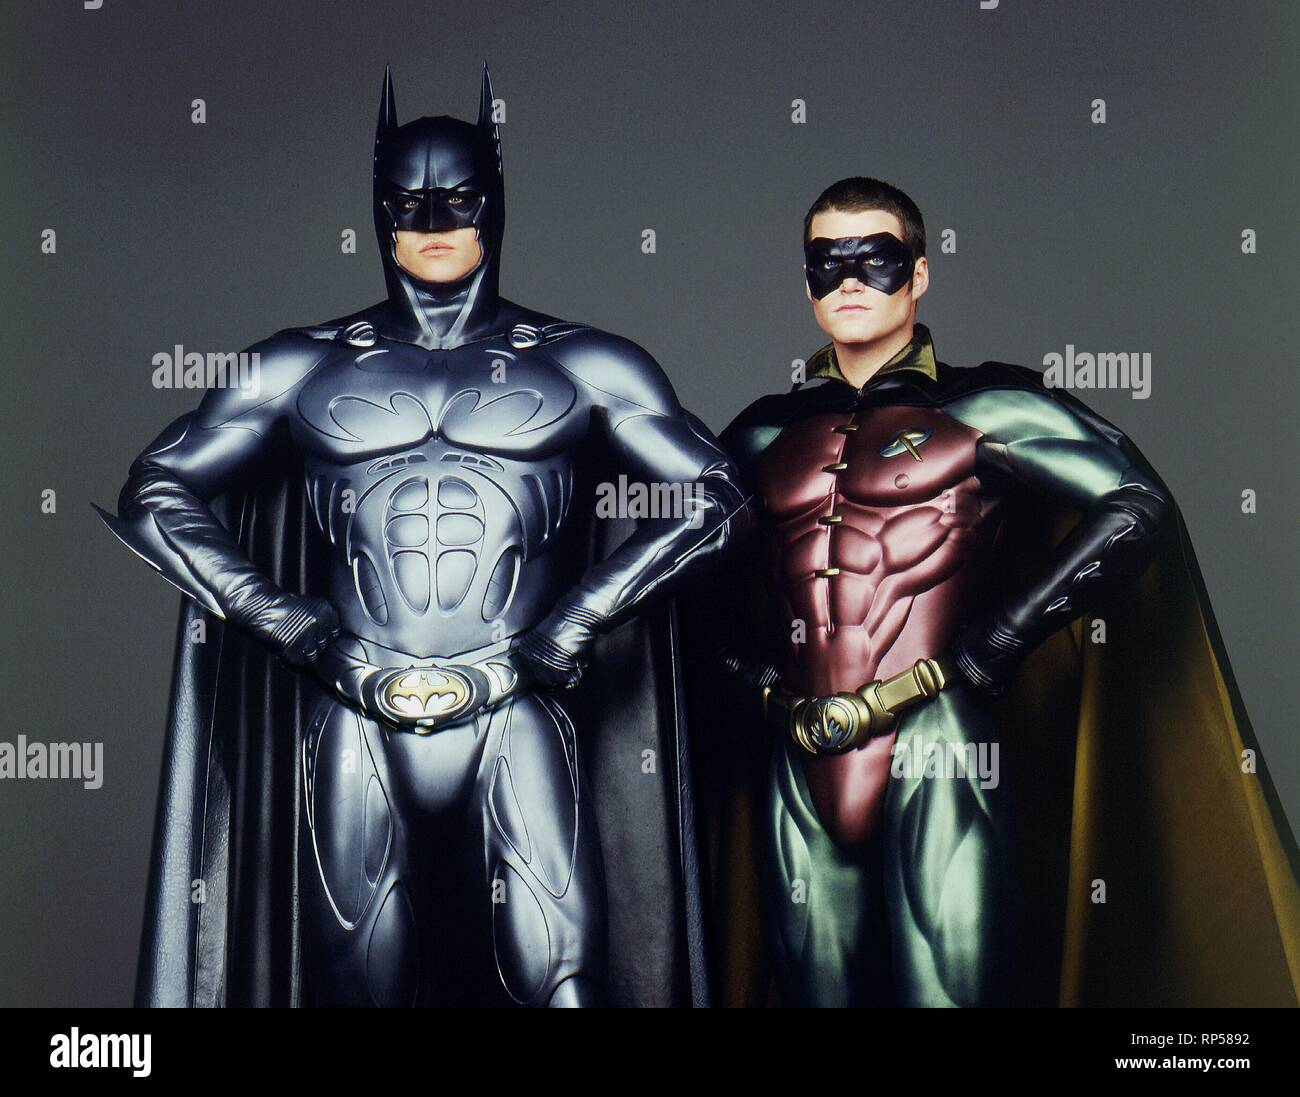 Kilmer O Donnell Batman Forever 1995 Stock Photo Alamy